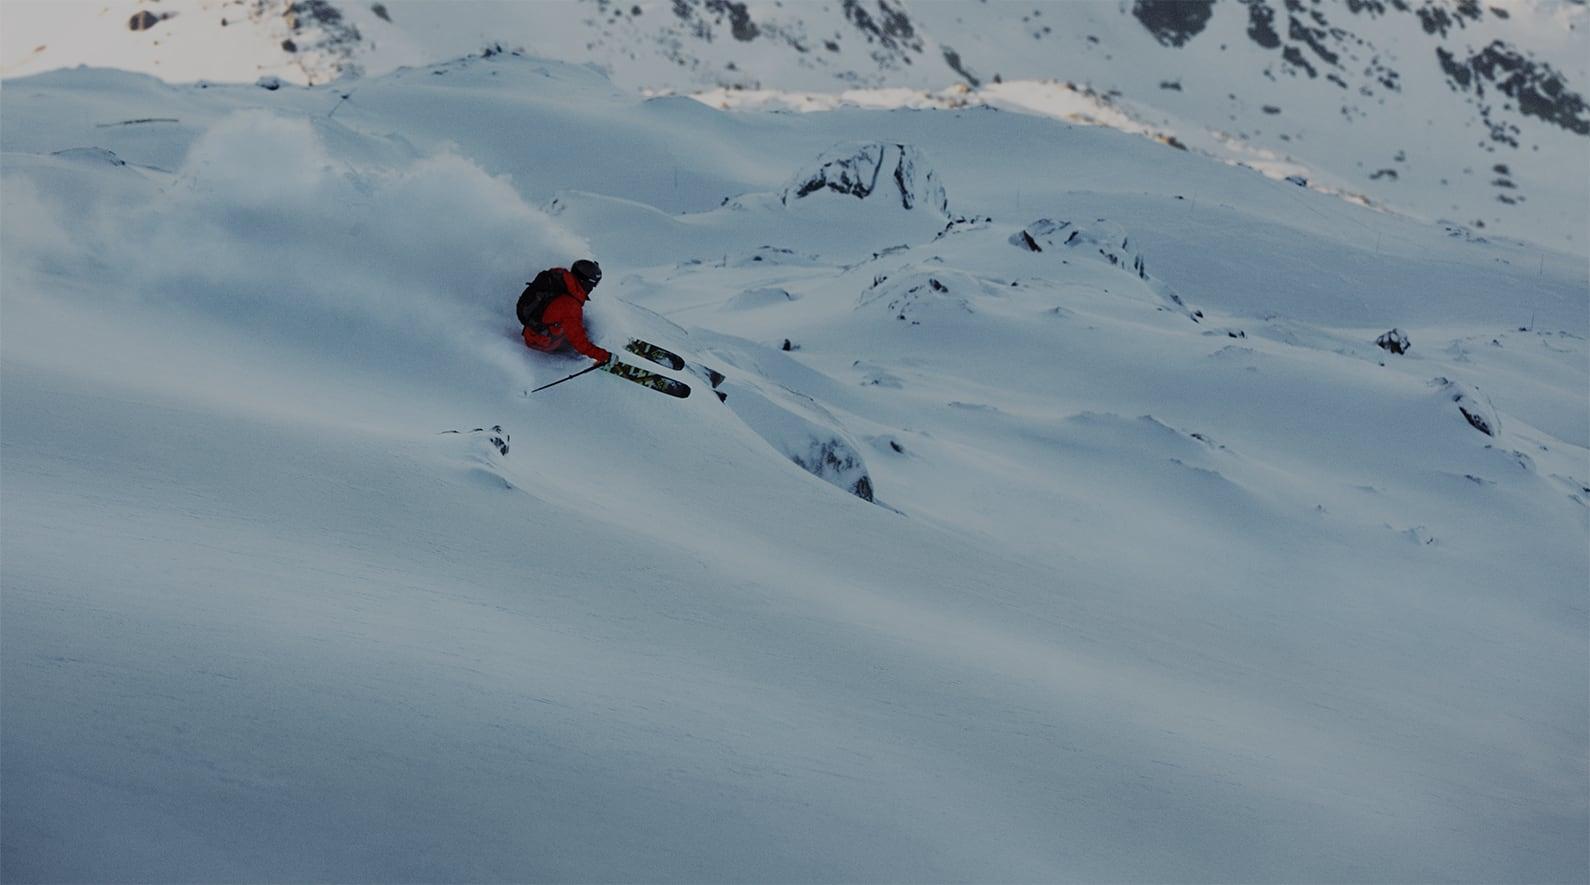 Peak Performance Ski